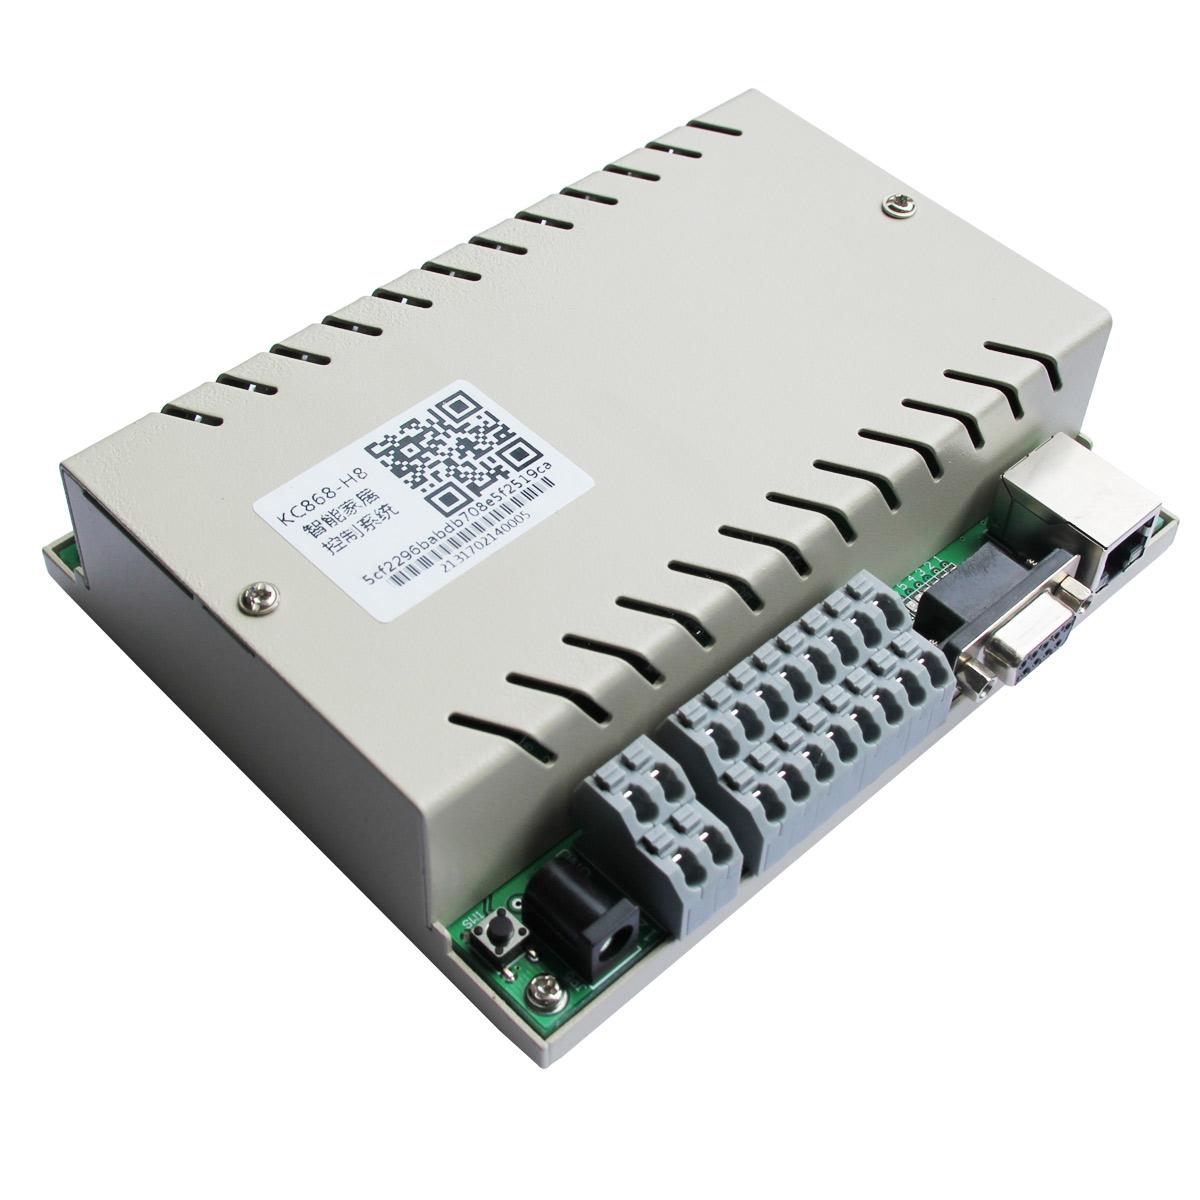 8路控制盒 控制盒 8路继电器 继电器